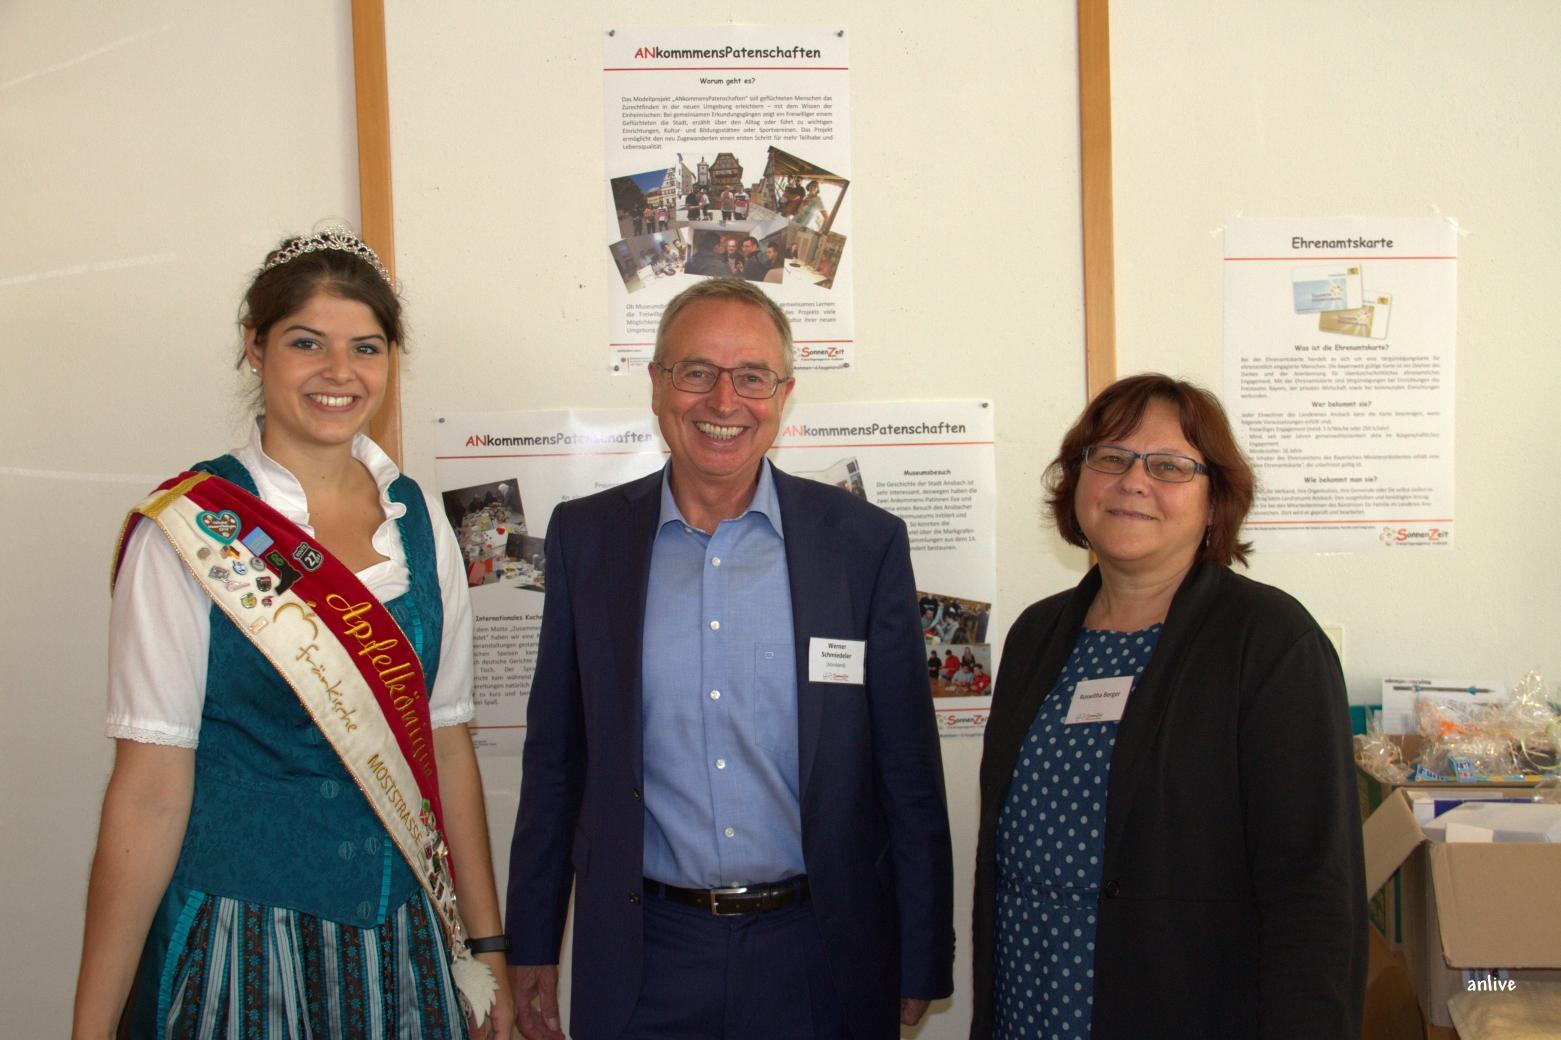 Apfelkönigin Annemarie Freytag, Werner Schmiedeler, Vorstand Freiwilligenagentur Sonnenzeit, Roswitha Berger von der Sonnenzeit.